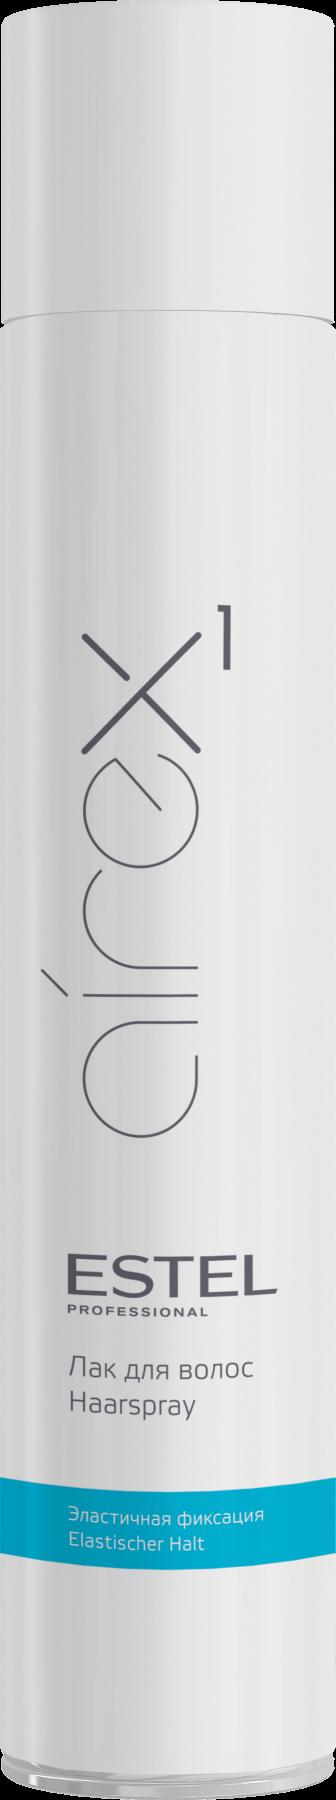 ESTEL PROFESSIONAL Лак эластичной фиксации для волос / AIREX 400 мл